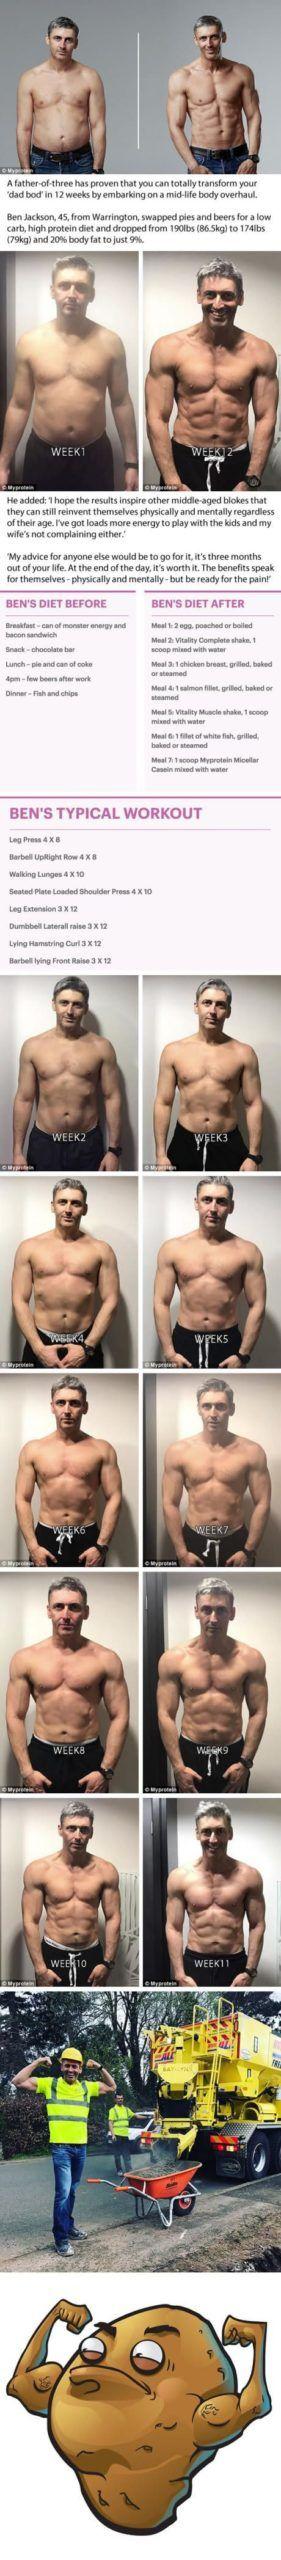 Der 45-jährige dreifache Vater enthüllt die Ergebnisse seiner unglaublichen 12-wöchigen Transformati...